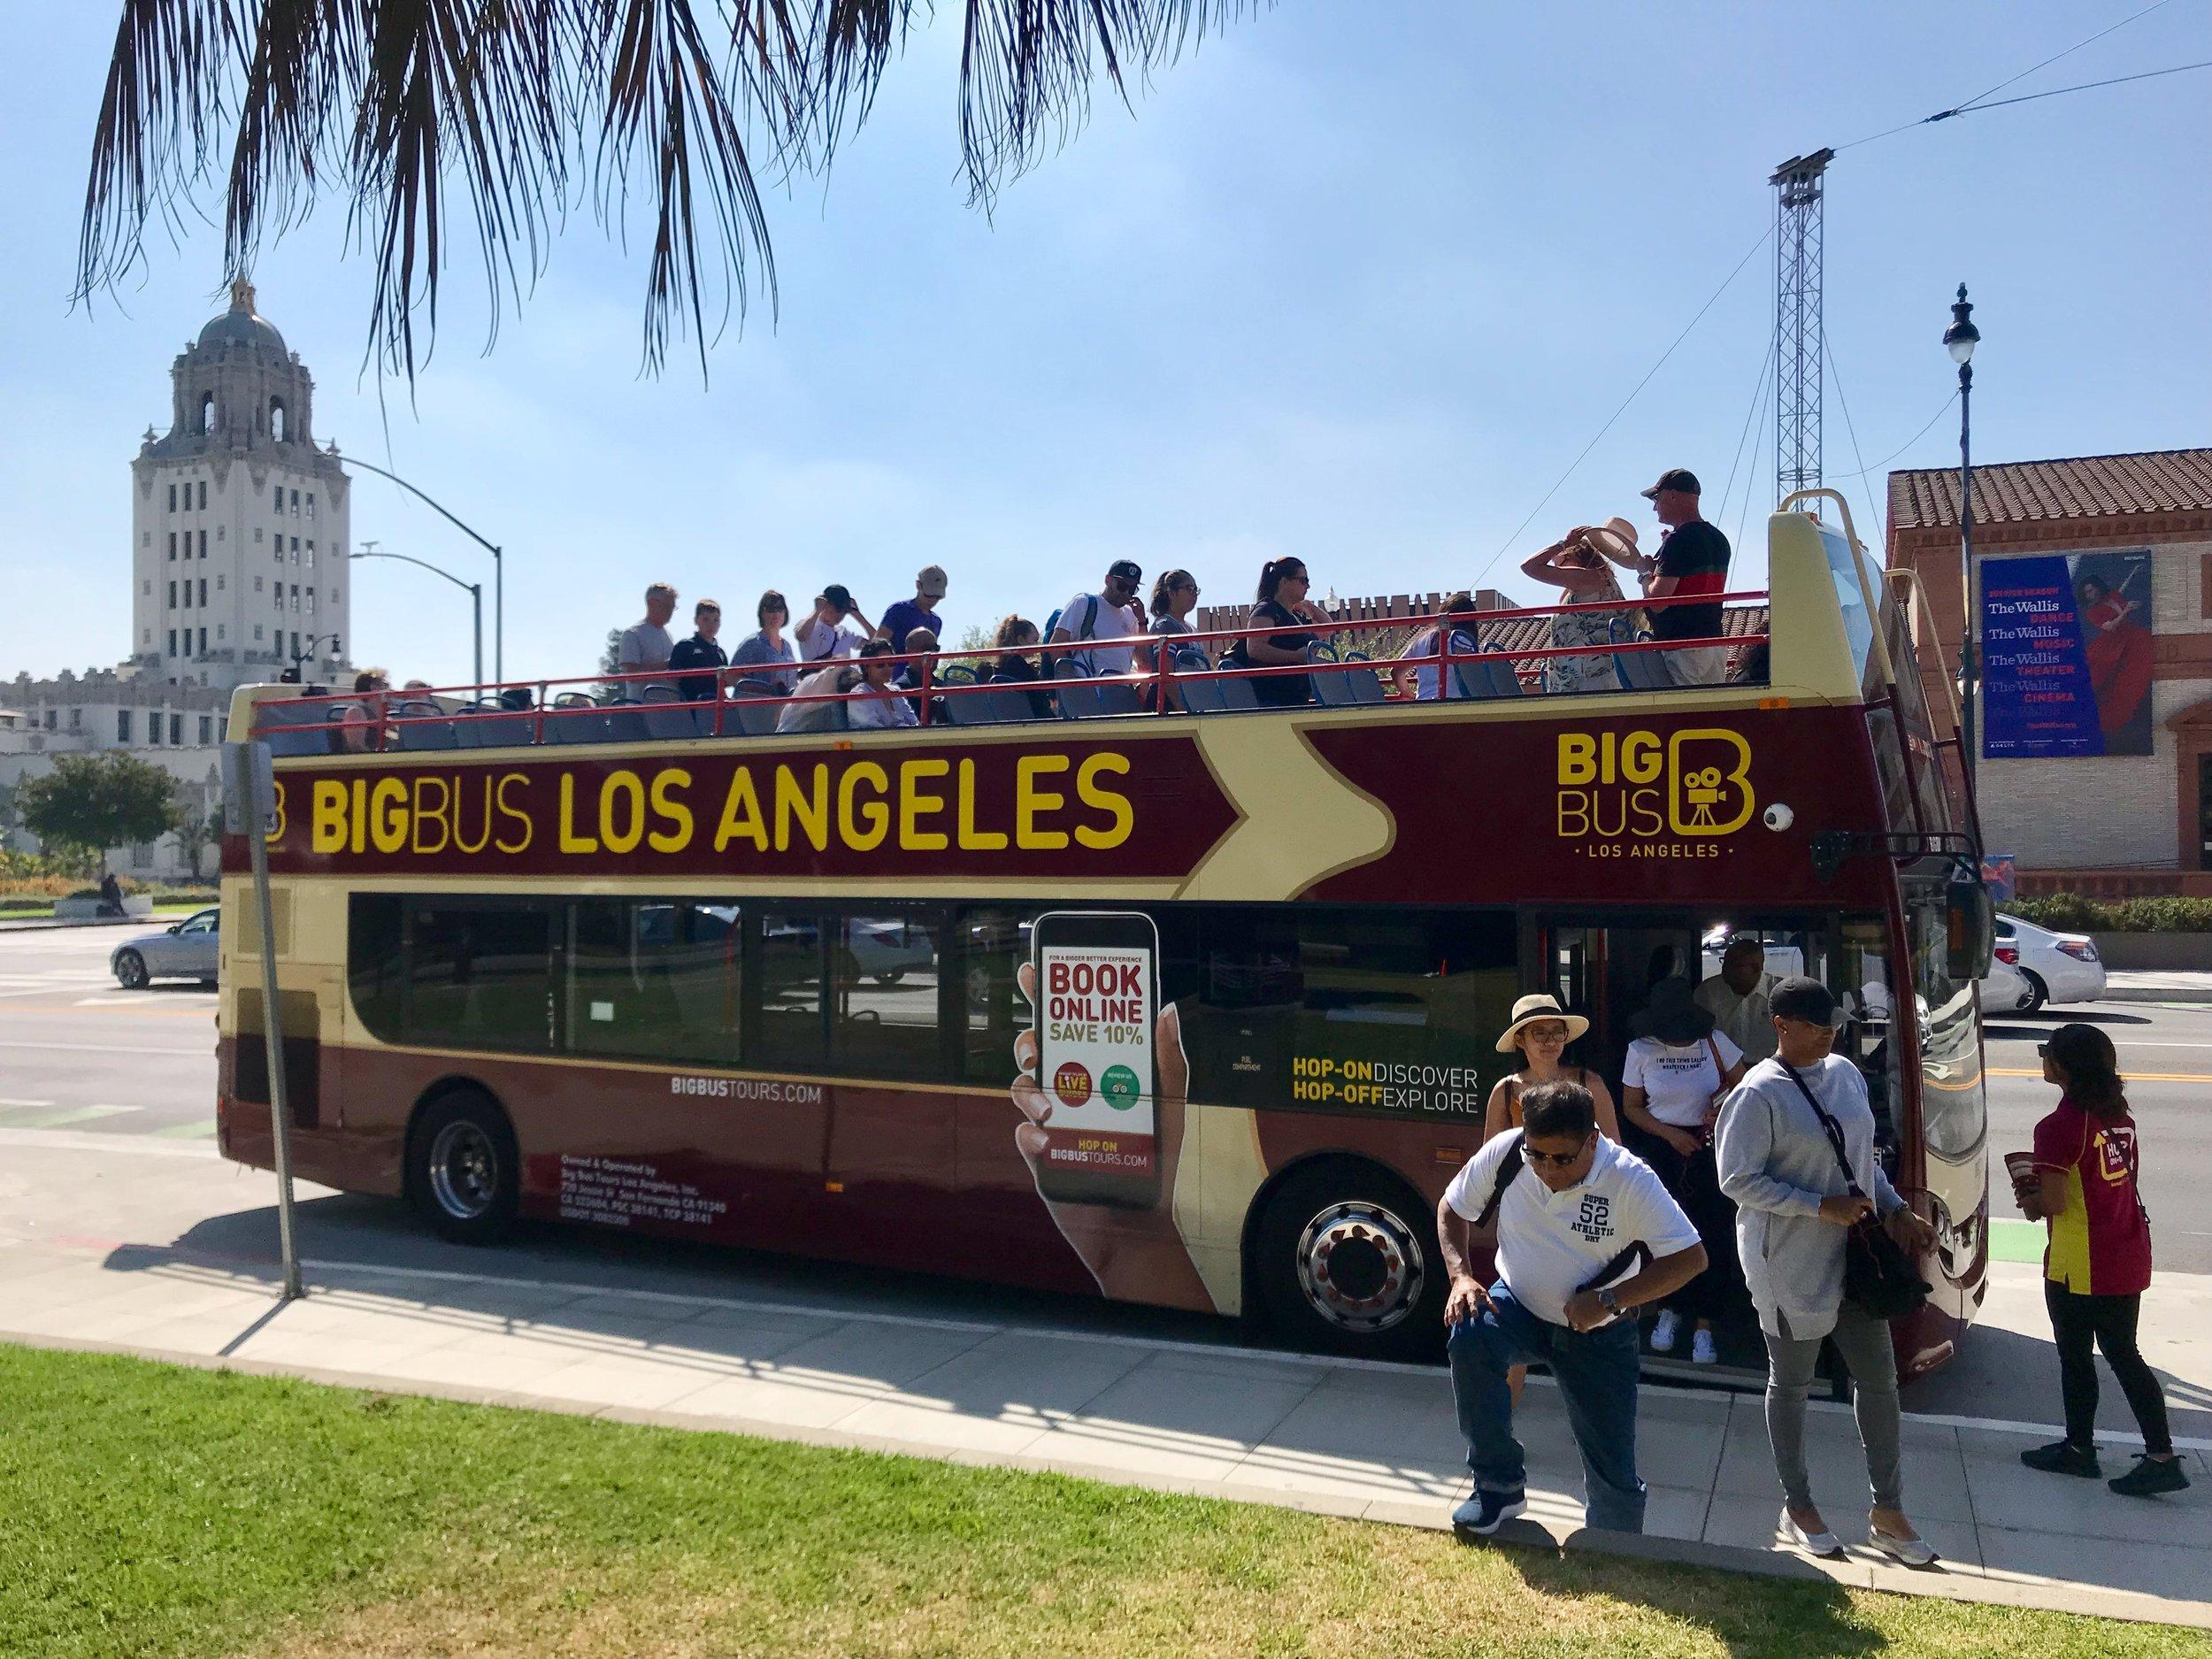 BigBus Los Angels